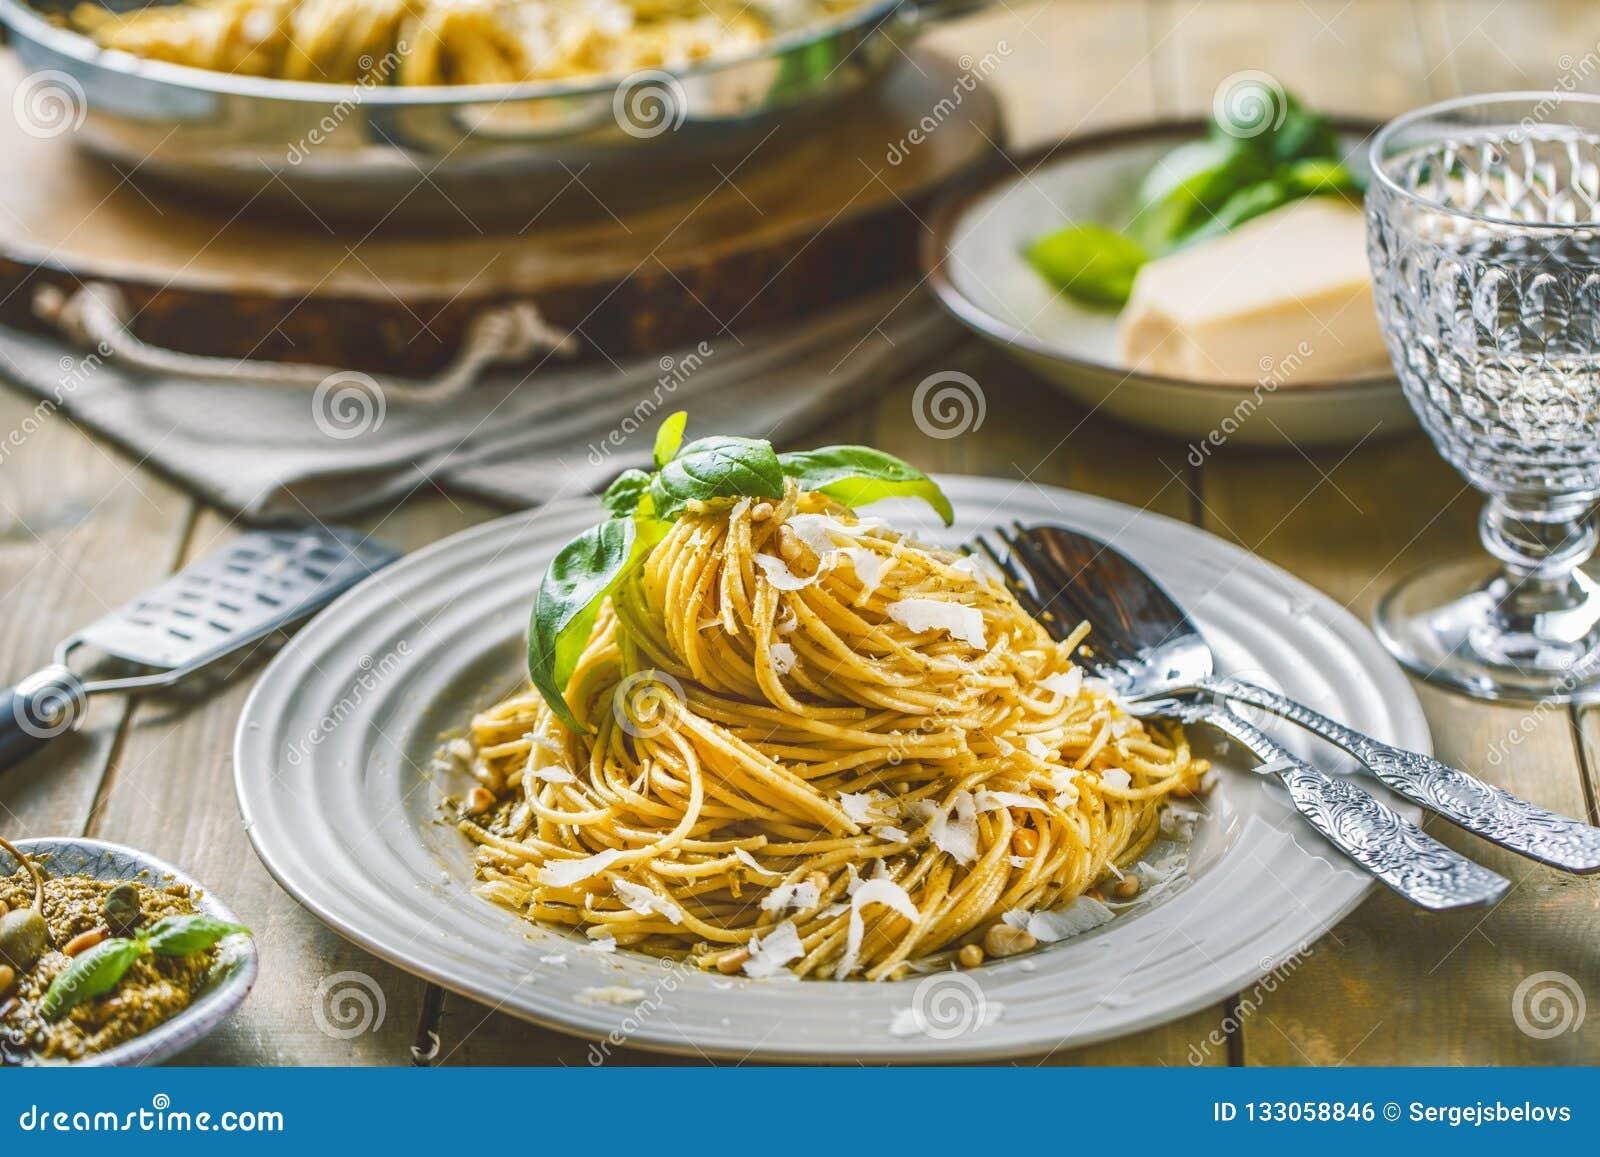 Deegwarenspaghetti met basilicumroom en kaas Hoogste mening over grijze steenlijst Vegetarische plantaardige deegwaren